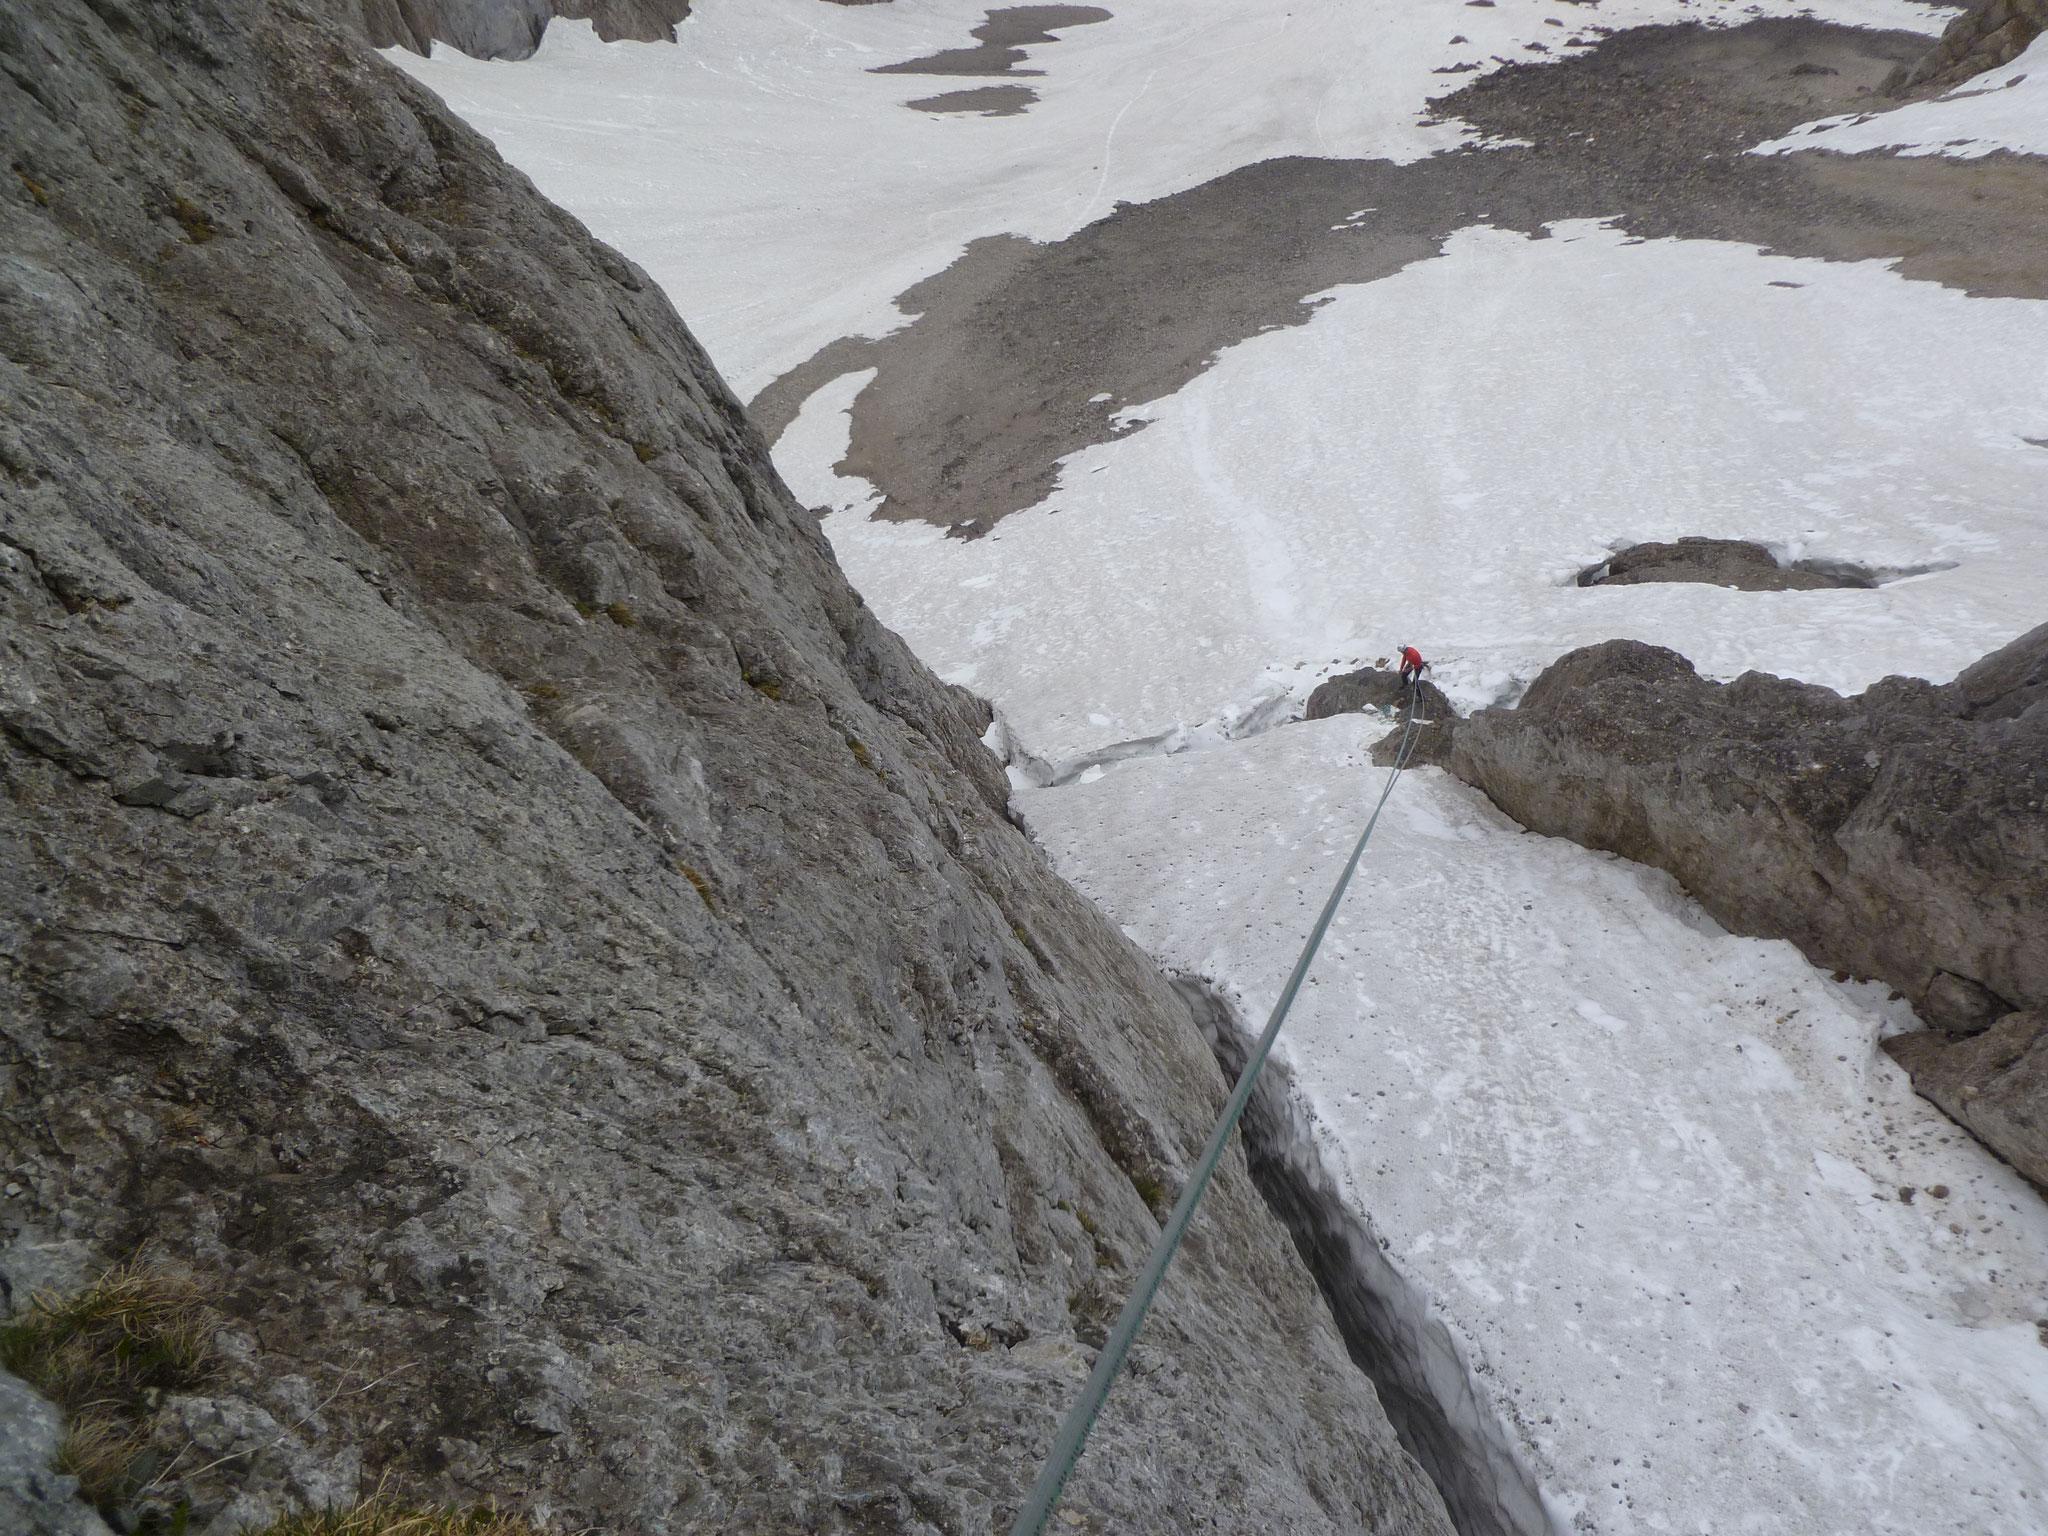 Am Ende lohnt es sich vom letzten Stand einen langen Abseiler über das Schneefeld zu machen...